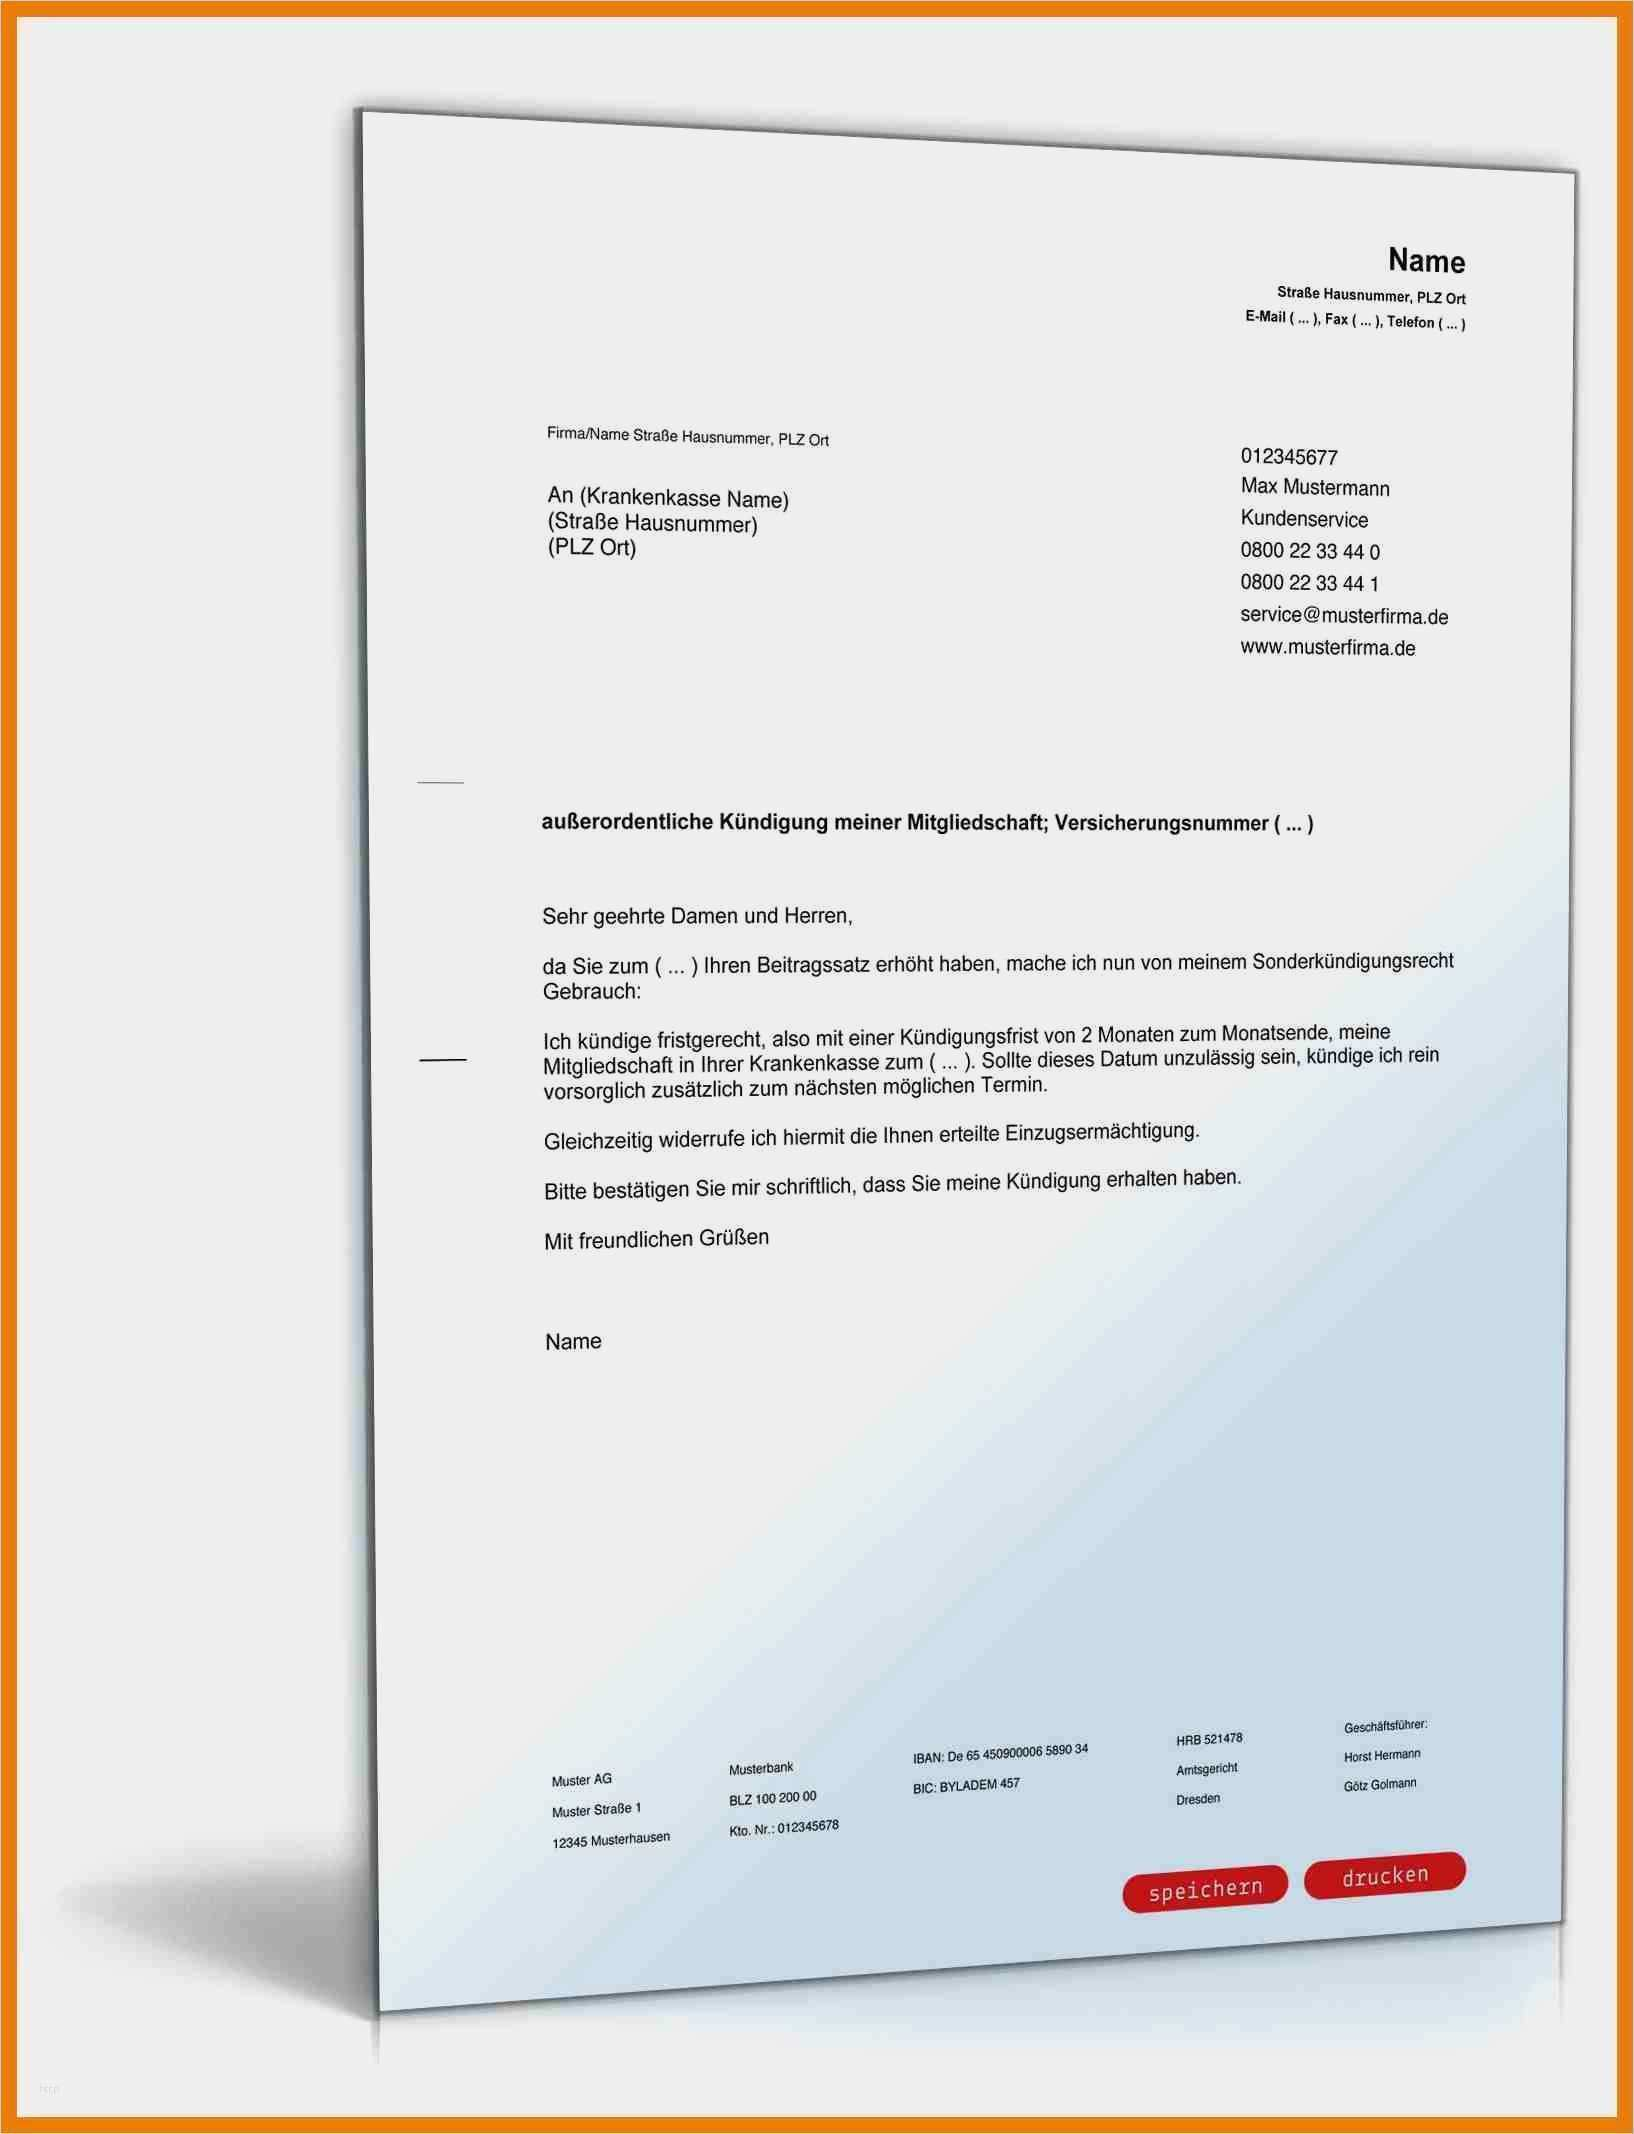 37 Grossartig Verlustmeldung Horgerat Krankenkasse Vorlage Abbildung Vorlagen Vorlagen Word Einladung Schreiben